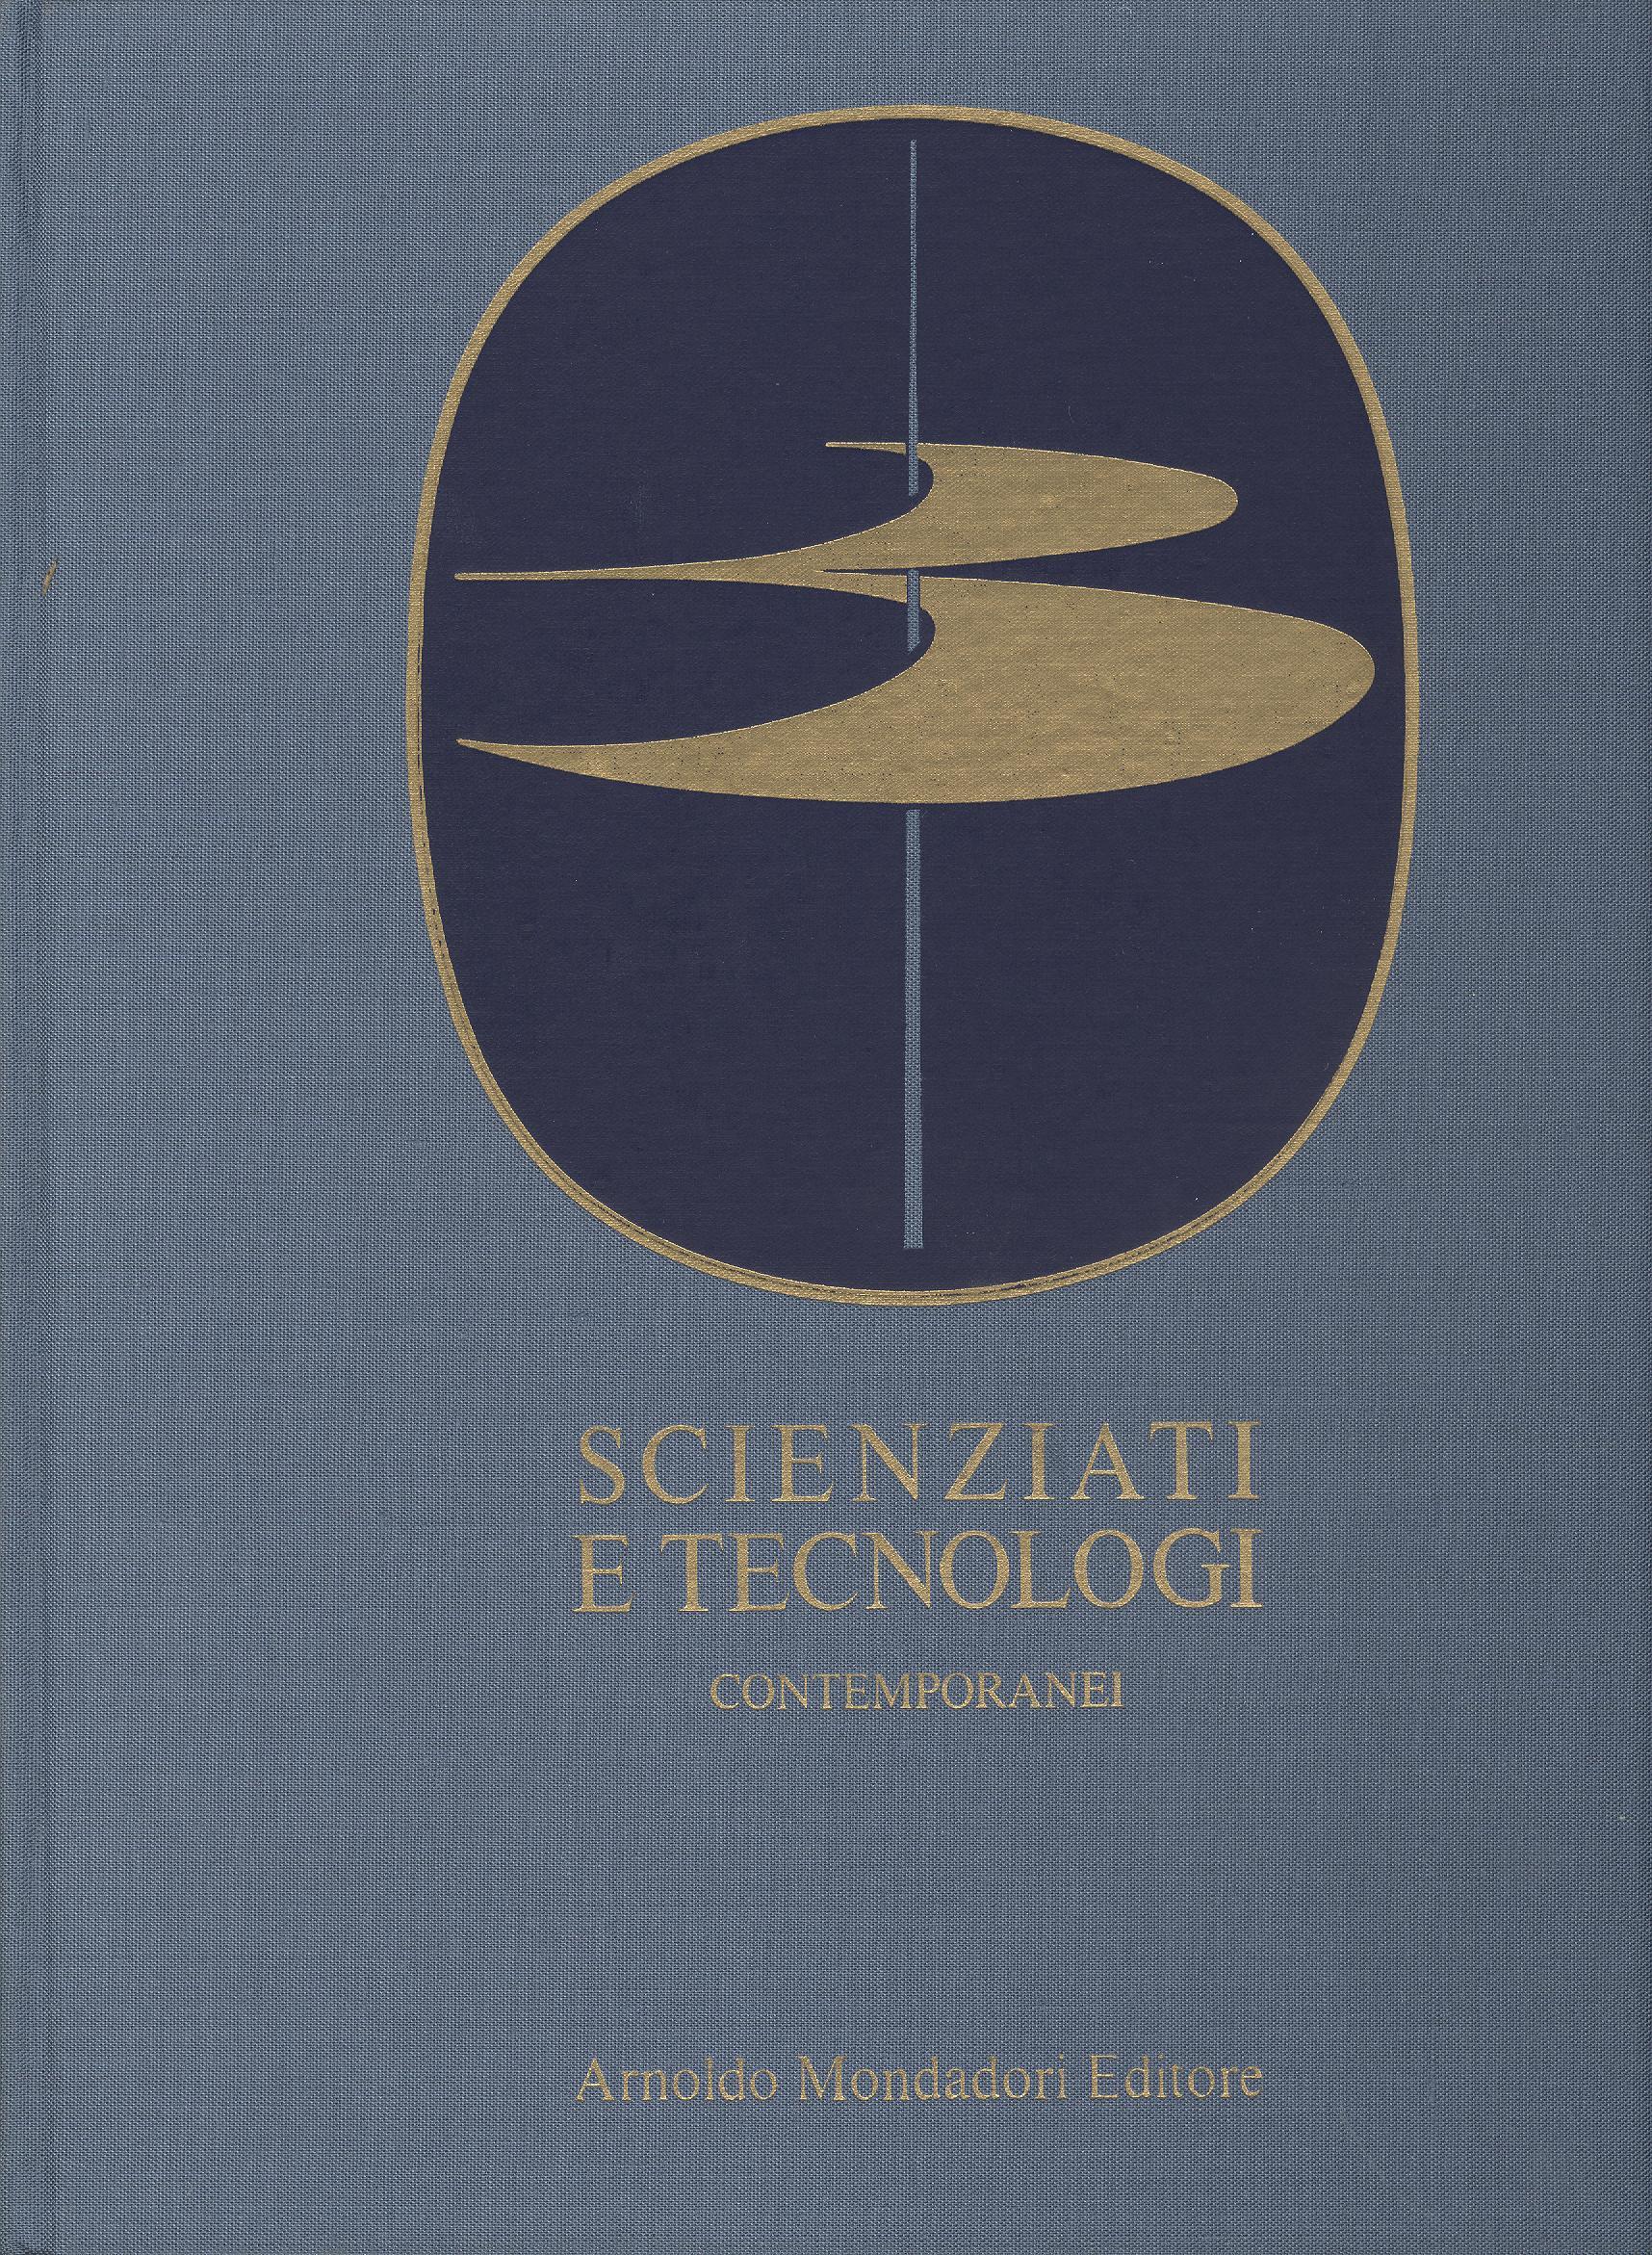 Scienziati e Tecnologi Contemporanei - Vol. I